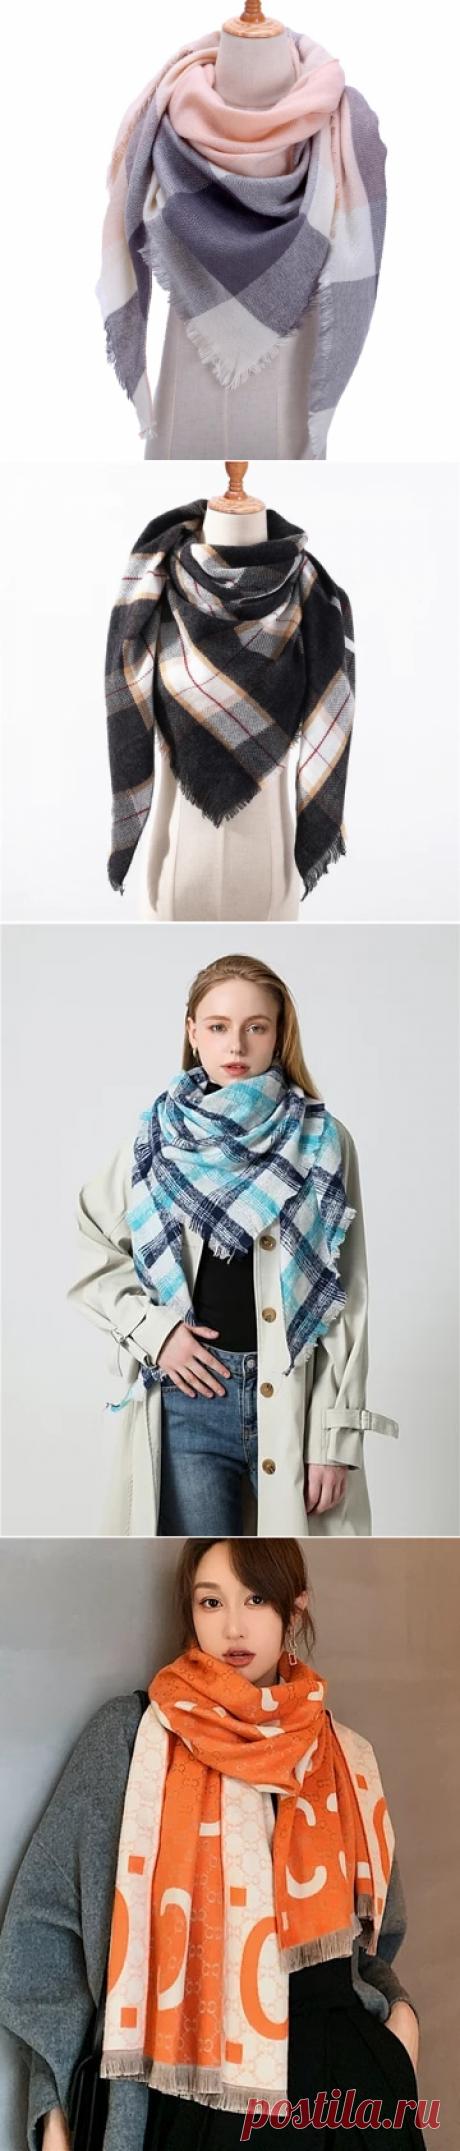 2020 бандана палантин платок на шею шарф зимний Дизайнер трикотажные весна зима женщины шарф плед теплые кашемировые шарфы платки люксовый бренд шеи бандана пашмина леди обернуть | scarf shawl | вязание из остатков пряжи | bandana wraplady bandana